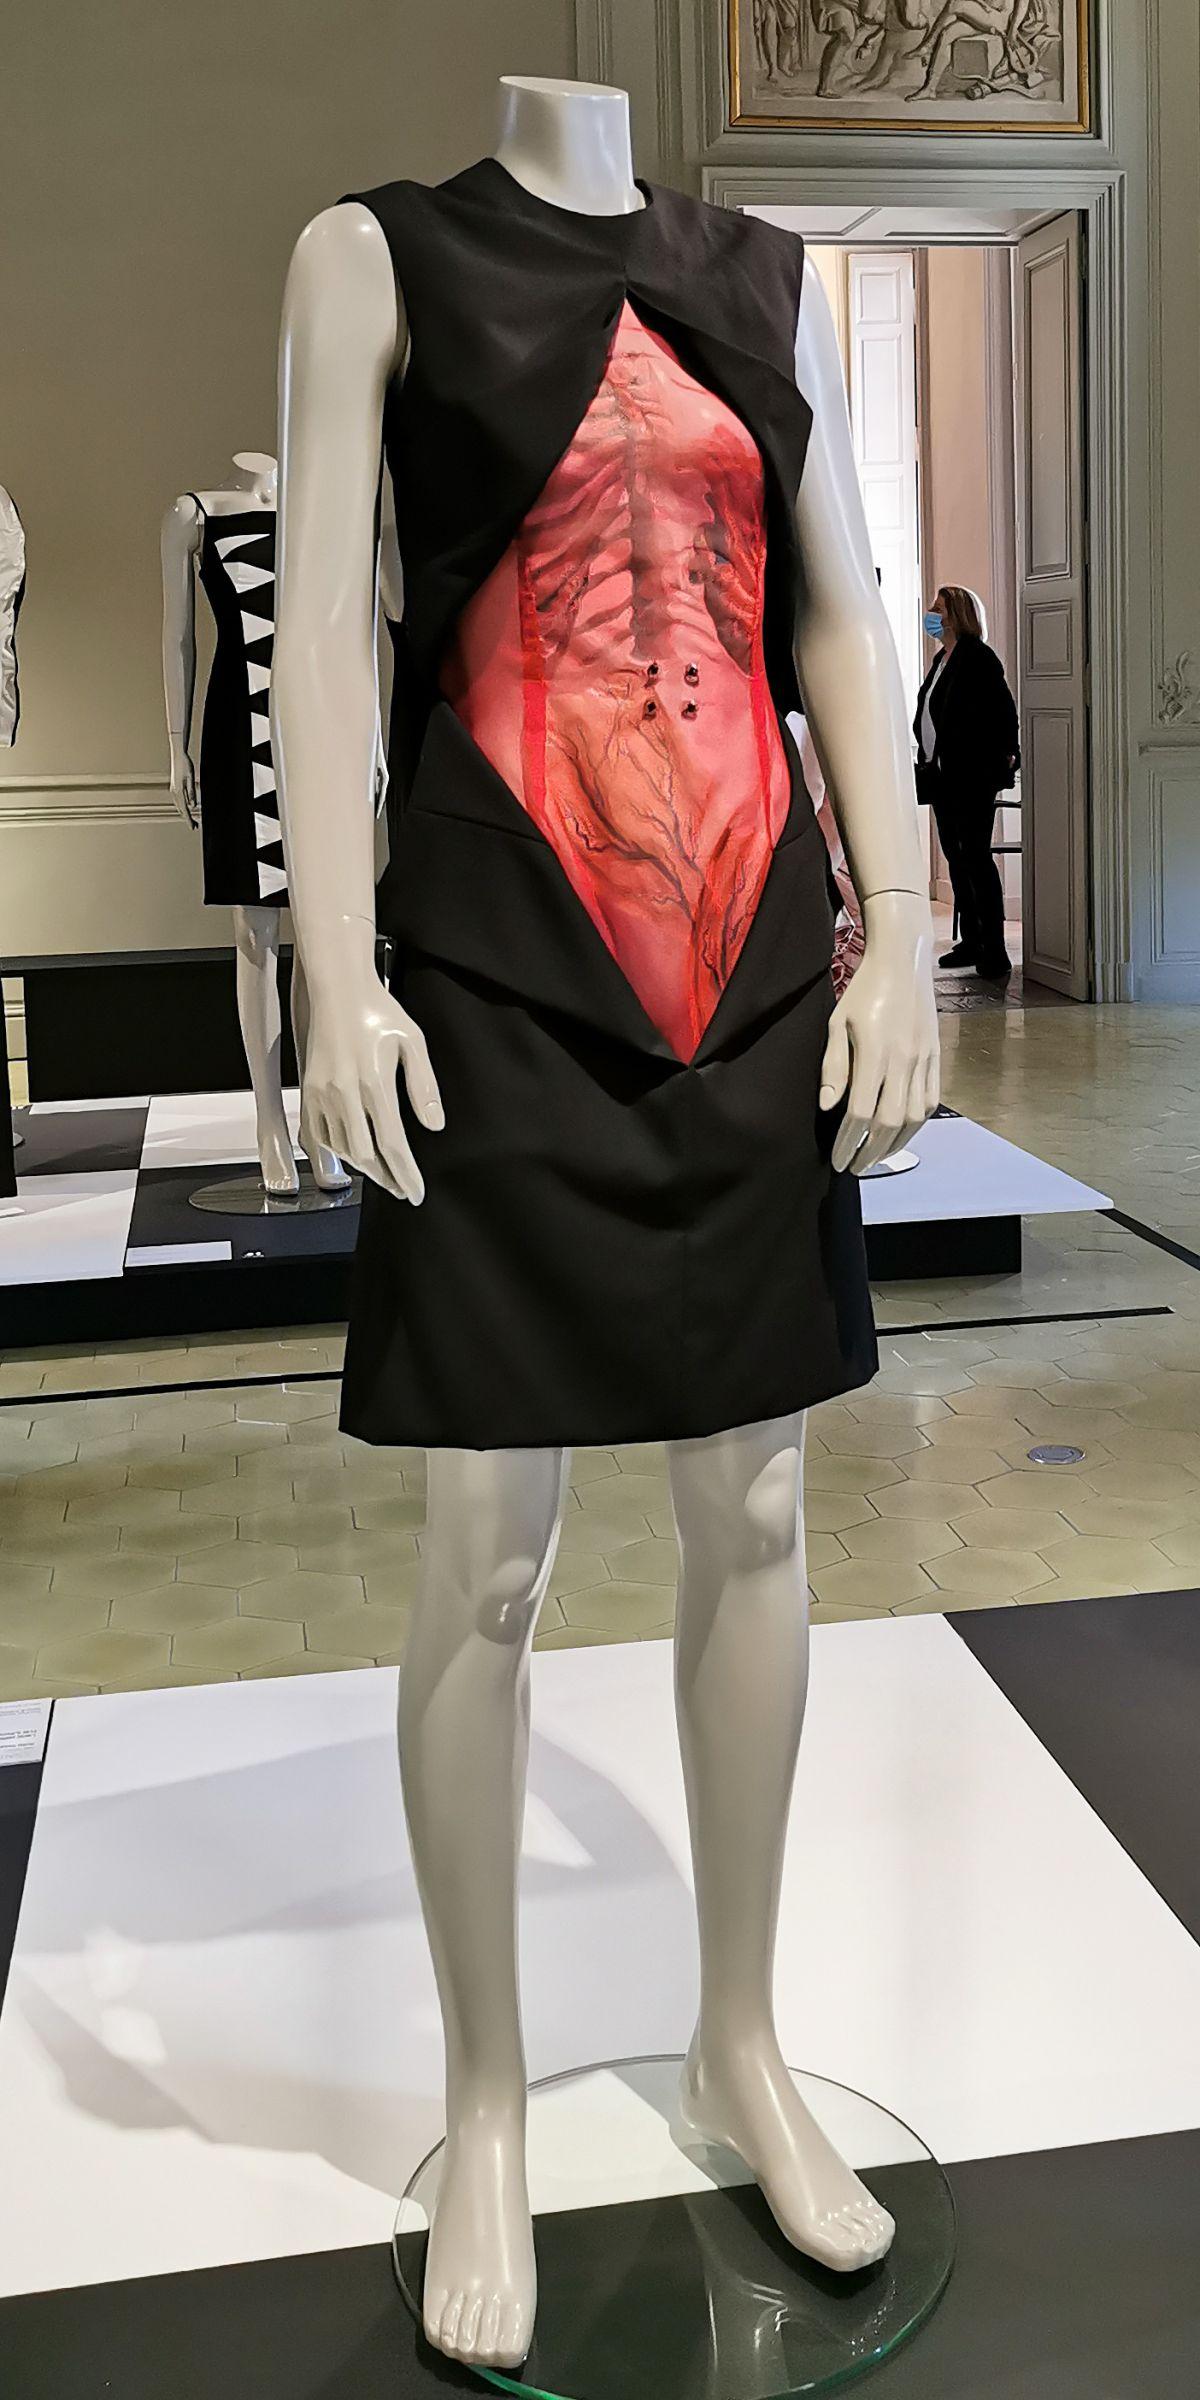 Isabelle Ballu - Robe courte, Prêt-à-Porter Automne-Hiver 1998-1999 - L'héritage surréaliste dans la mode au Château Borély - Grand Salon